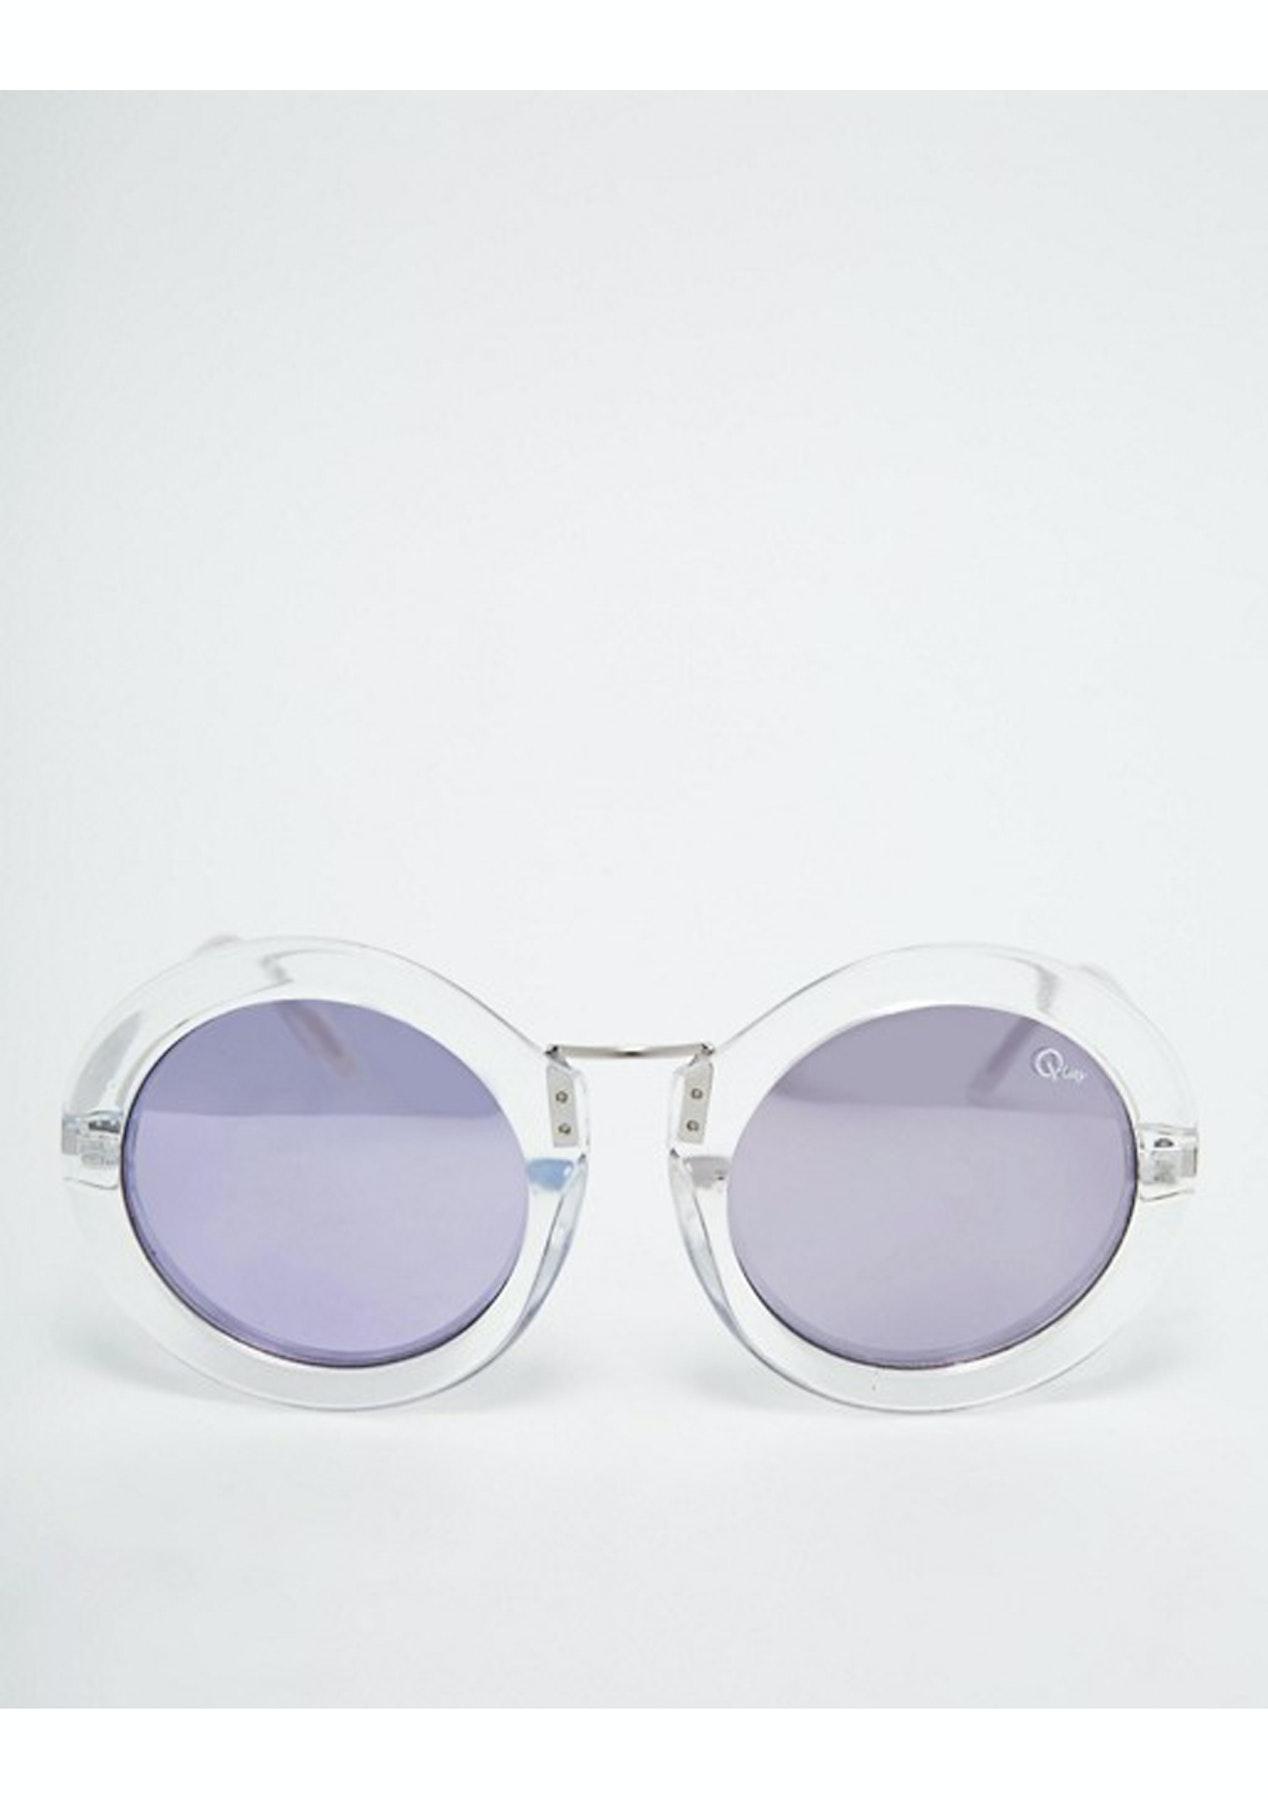 4a09da5e27 Quay Eyeware Life in Xanadu Sunglasses - Clear - Quay Australia Eyewear From   29.95 - Onceit